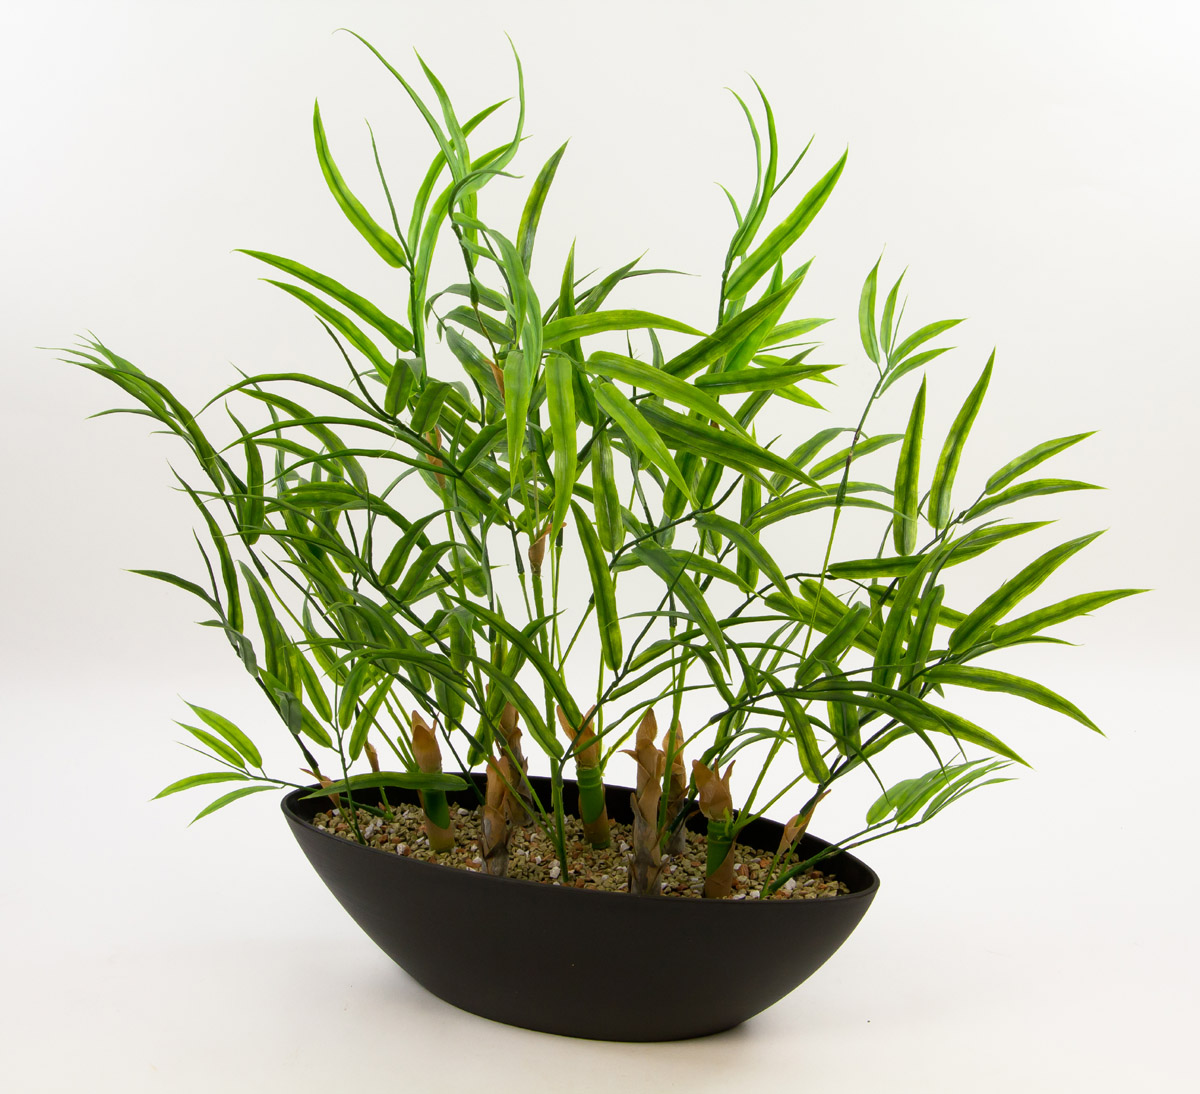 Kunstliche Pflanzen Fur Balkon Sichtschutzhecke Windschutz Efeu